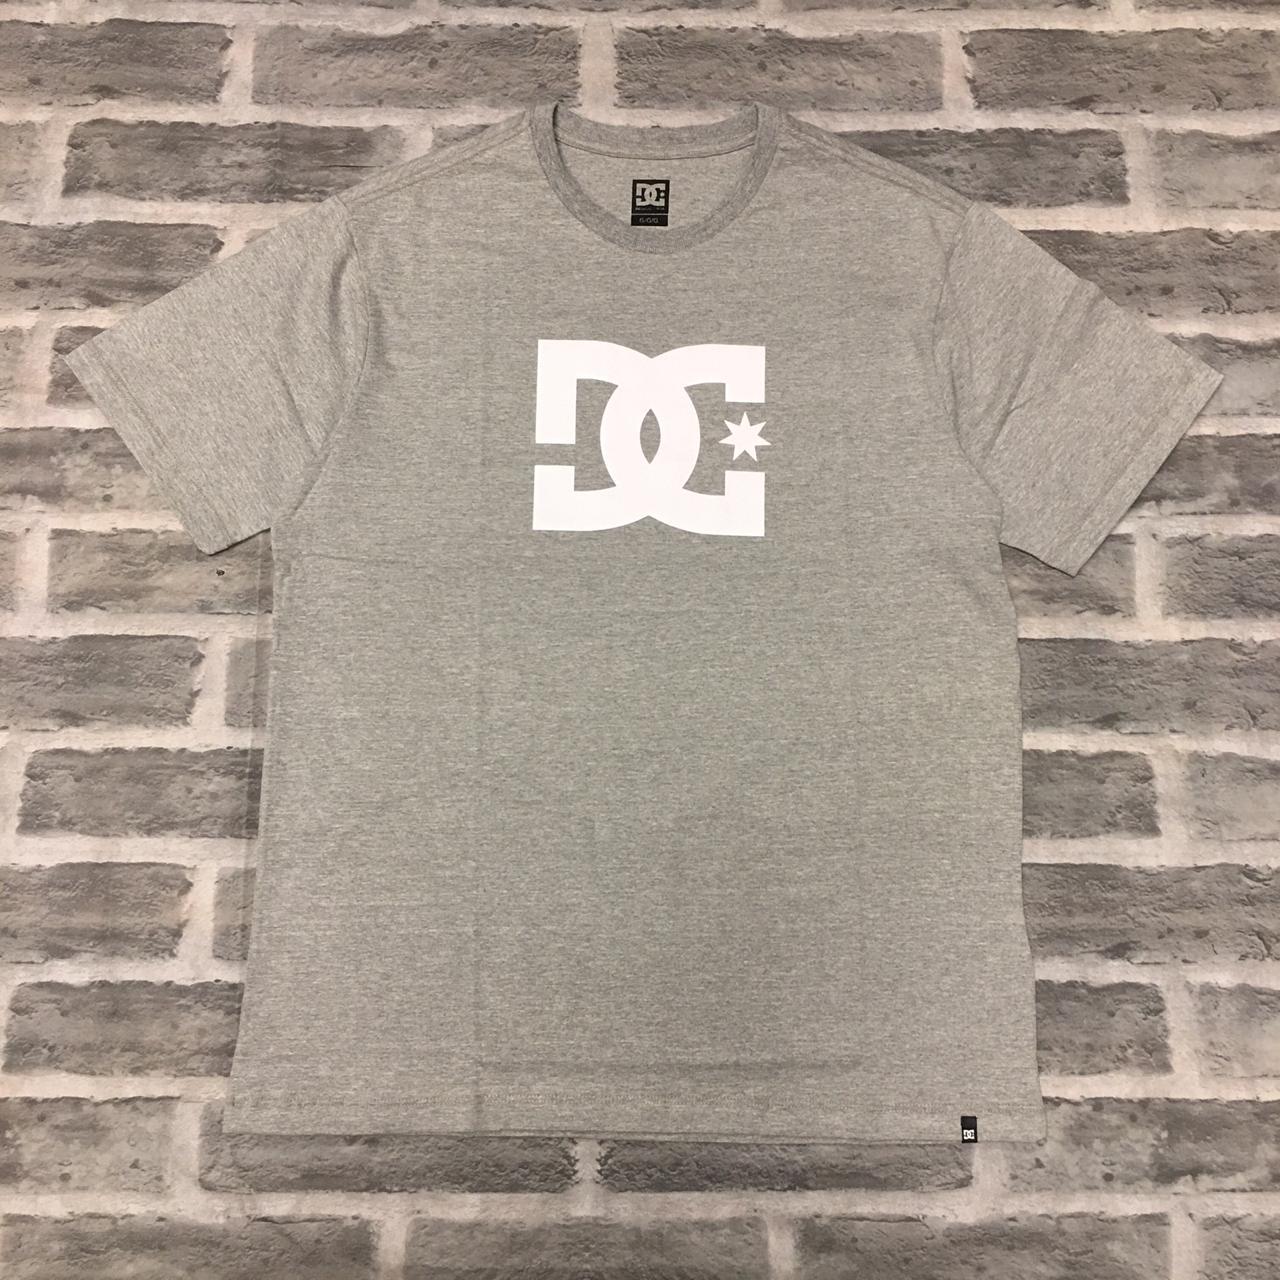 Camiseta DC basic cinza